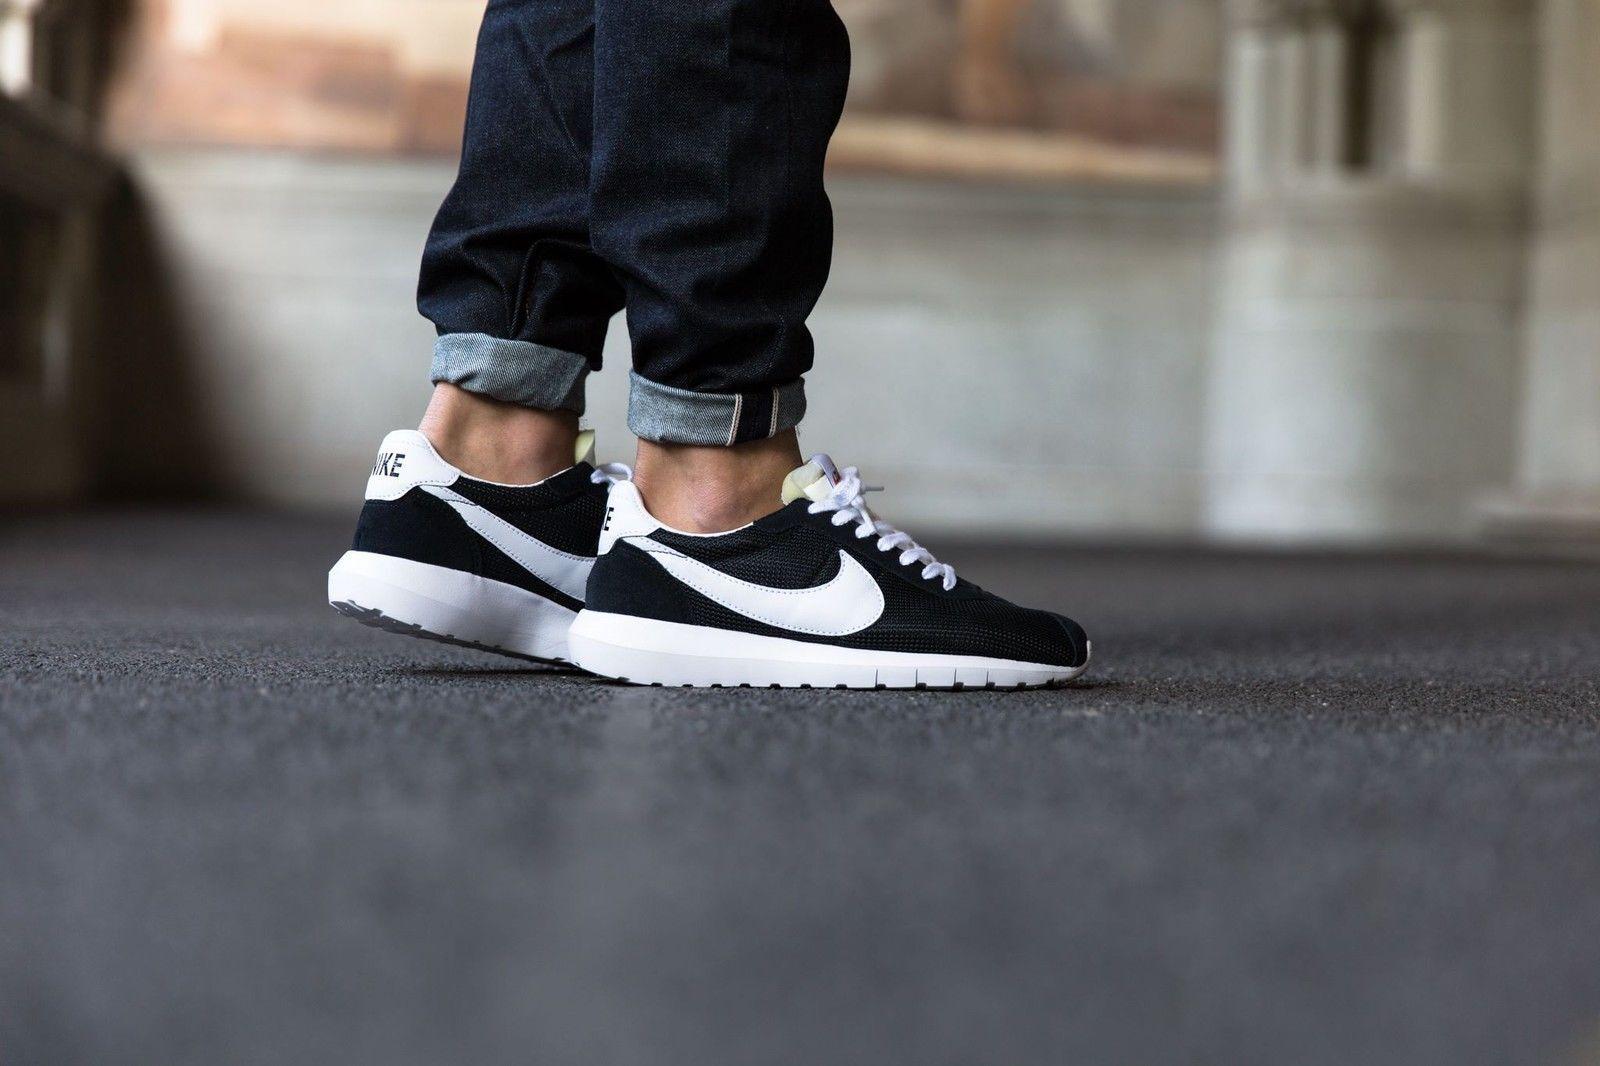 Nike Roshe LD-1000 QS Men's Athletic shoes Black White-White 802022-001 NEW